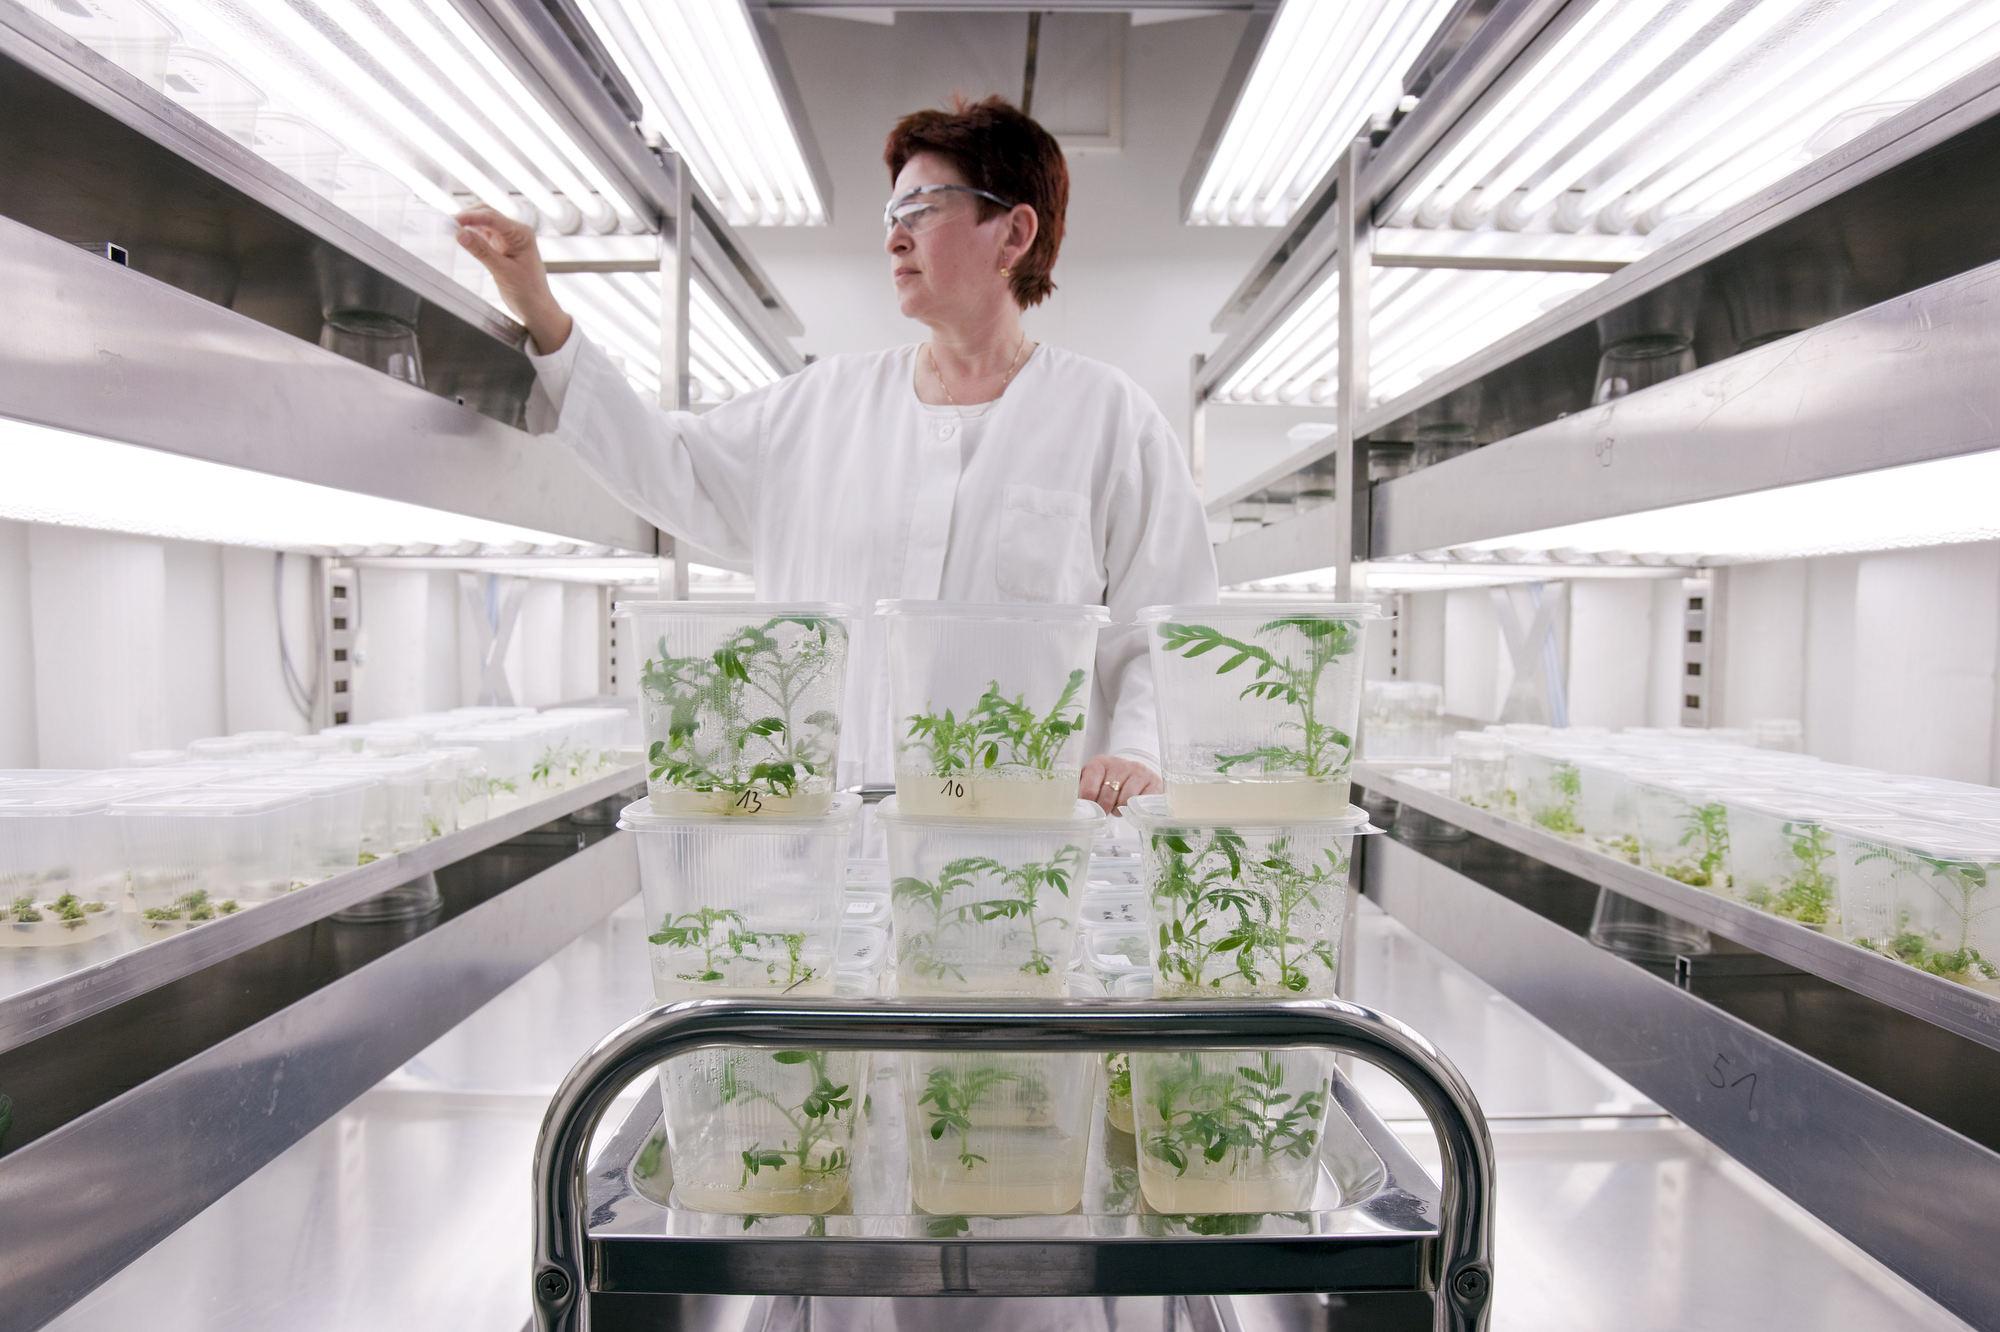 SunGene GmbH Gatersleben - Kontrolle gentechnisch veränderter Pflanzen / Corporate Fotografie / Foto Tom Schulze